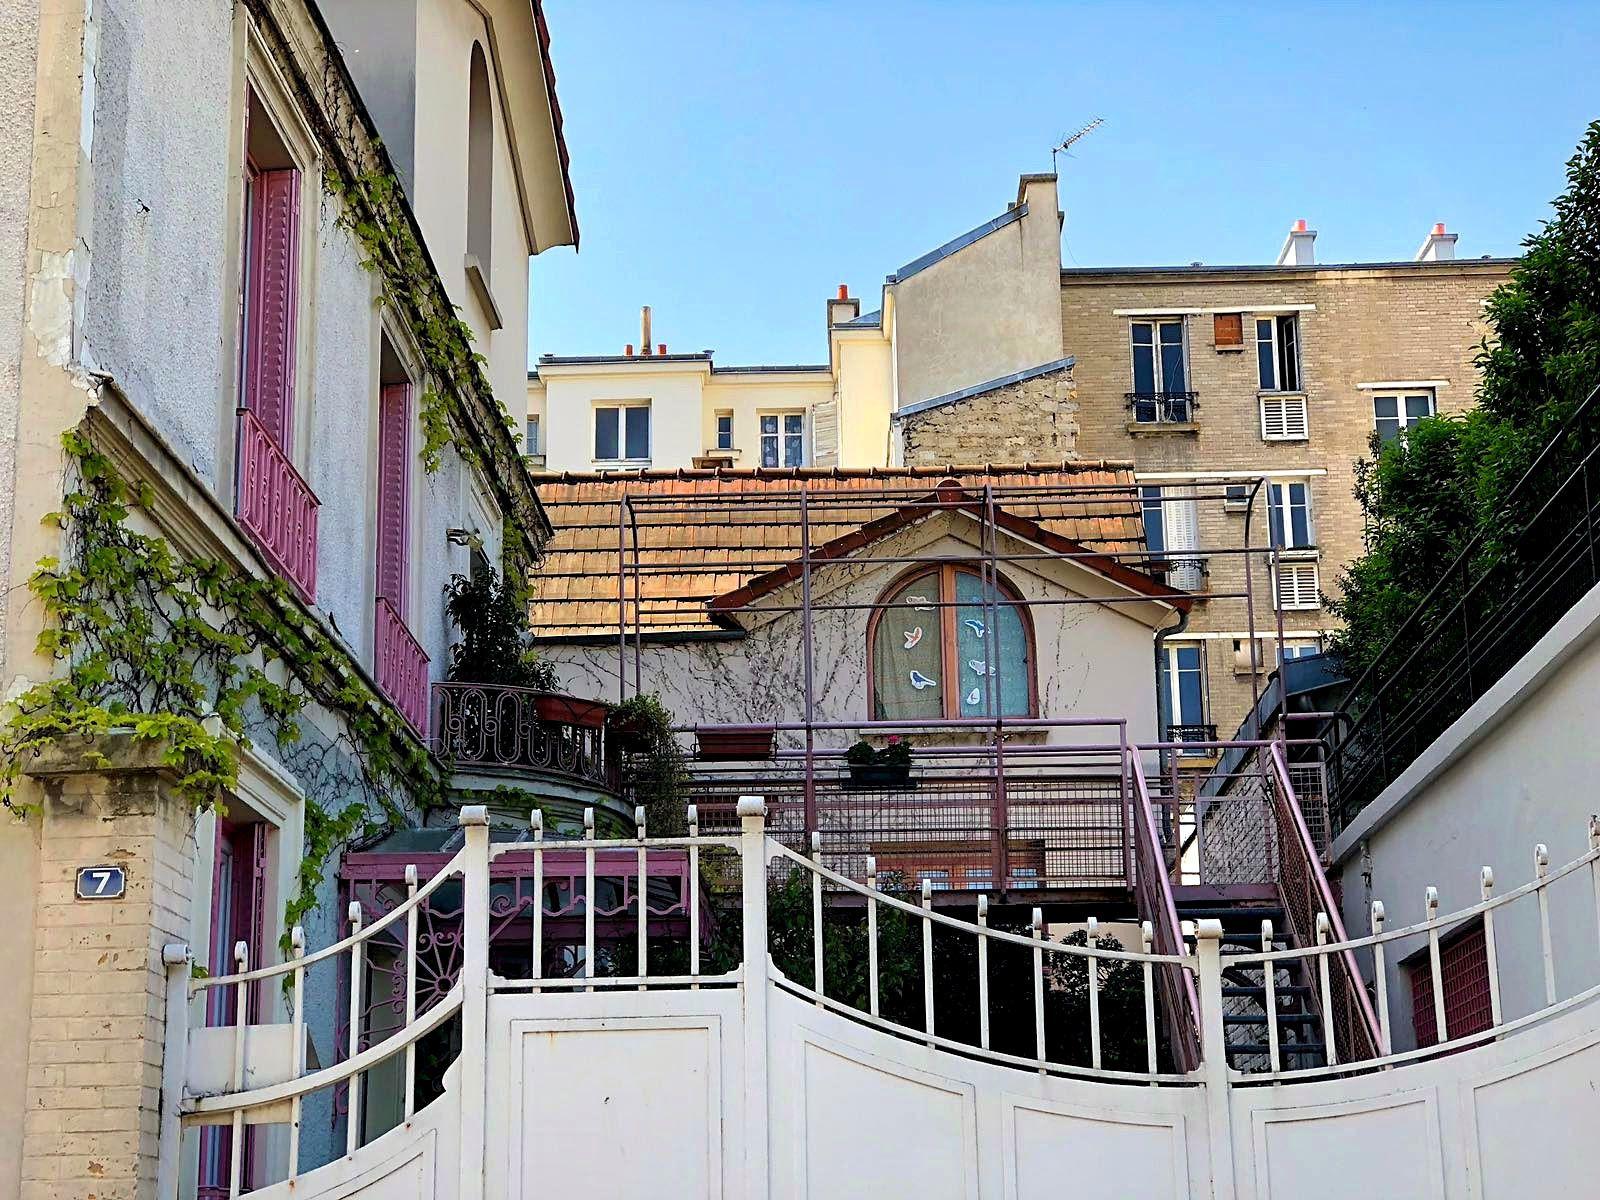 Week-End Parisien... Une campagne à Paris, 14ème arrondissement (2)